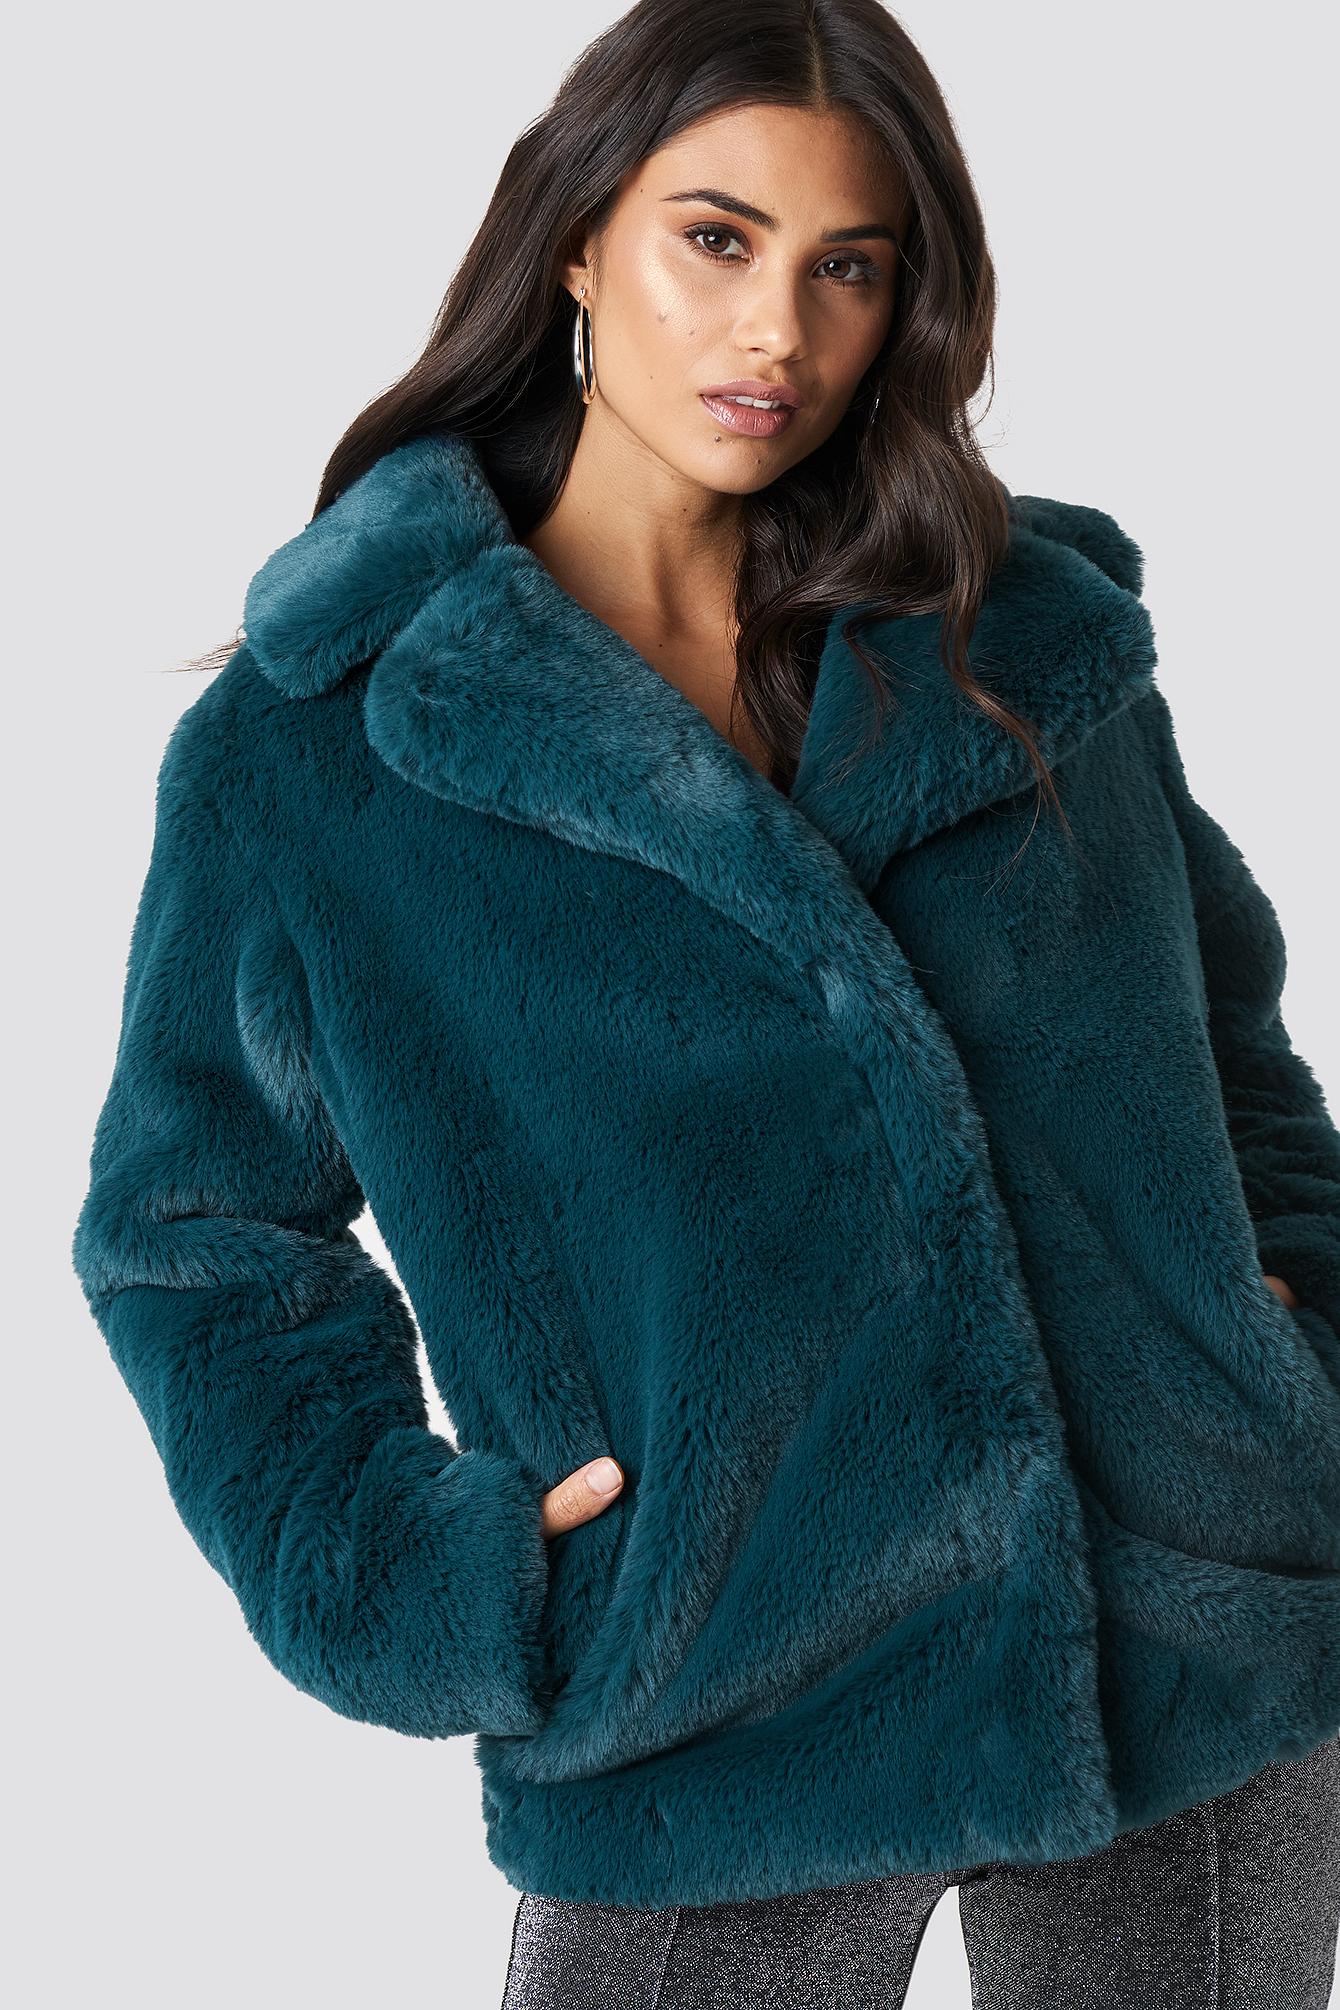 Soft Faux Fur Jacket NA-KDLOUNGE.DE